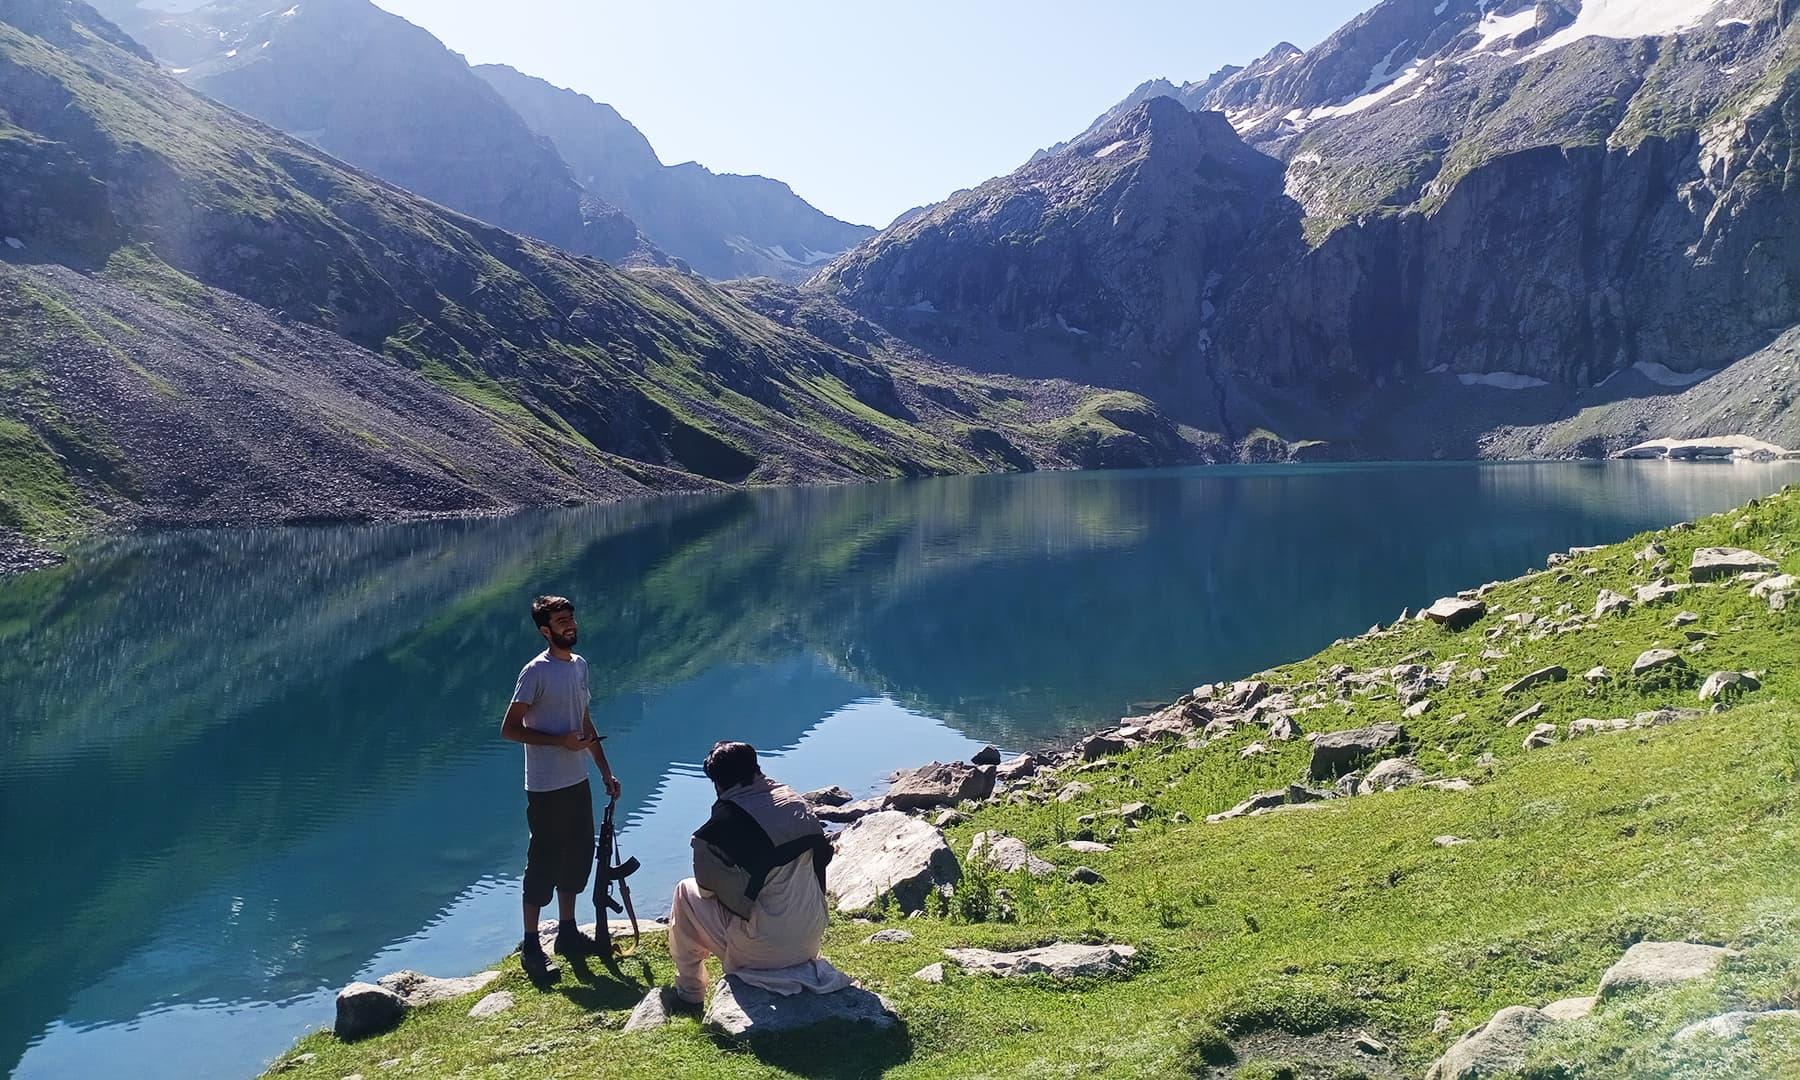 ڈیڑھ کلومیٹر لمبی اس جھیل کو کوہستان کی سب سے بڑی جھیل کہا جاسکتا ہے—عظمت اکبر